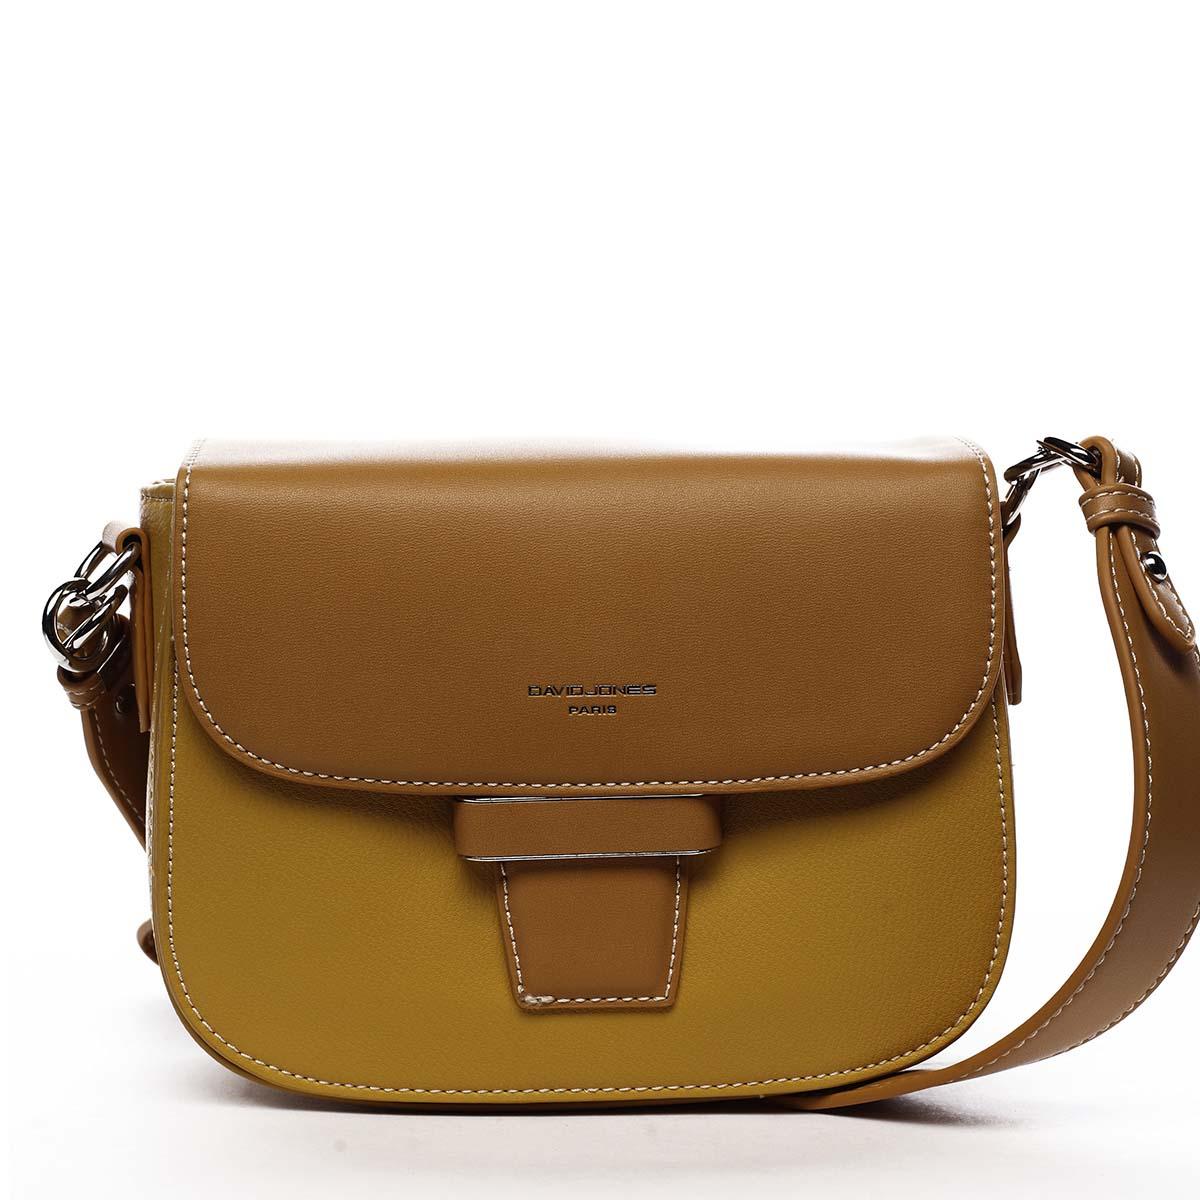 Dámska kabelka žltá - David Jones Nancy